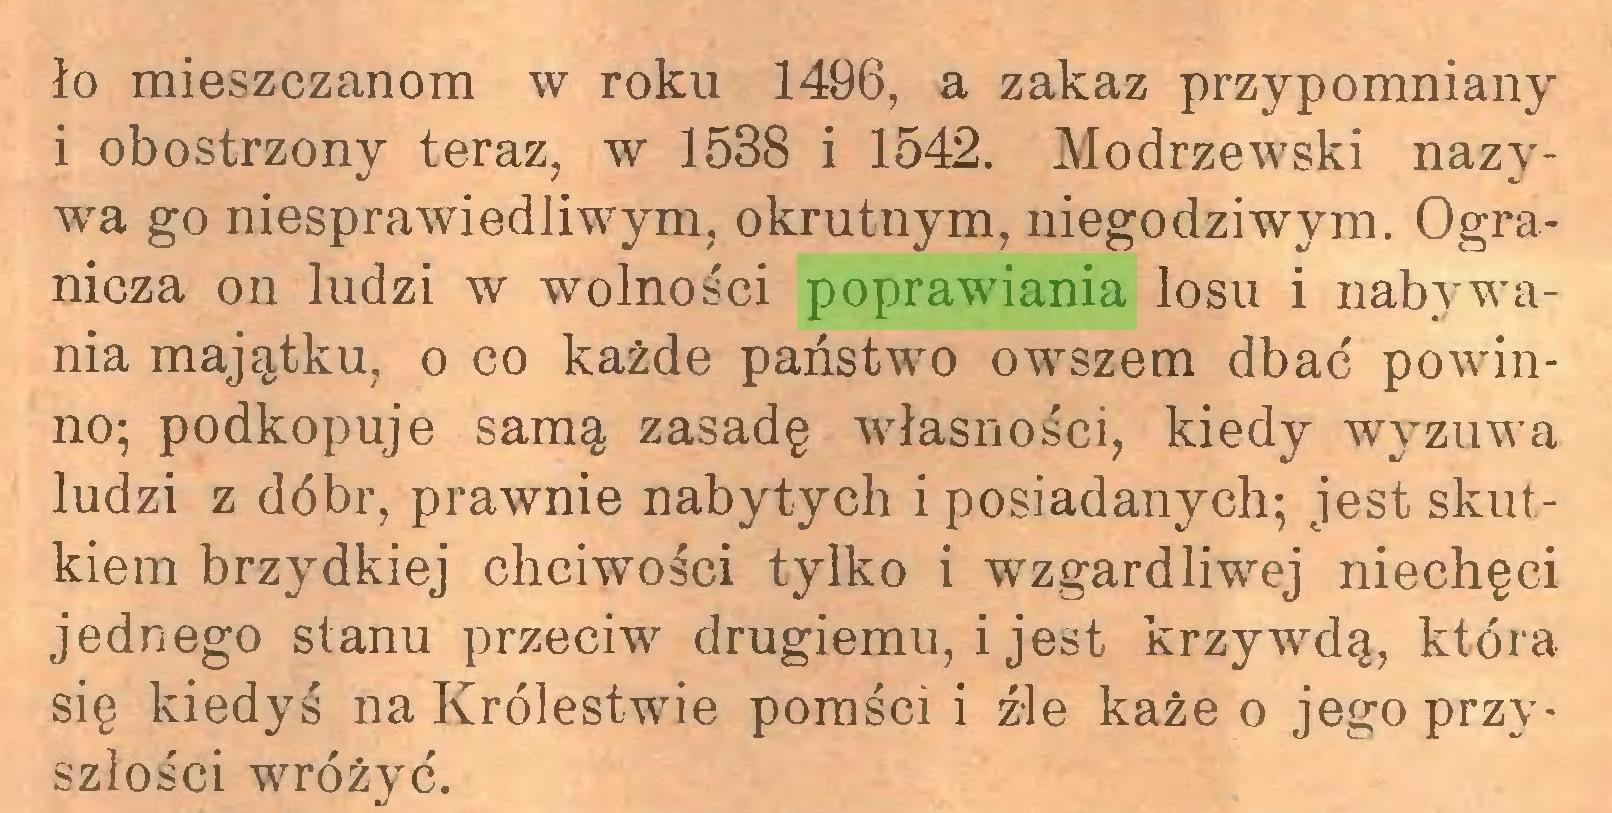 (...) ło mieszczanom w roku 1496, a zakaz przypomniany i obostrzony teraz, w 1538 i 1542. Modrzewski nazywa go niesprawiedliwym, okrutnym, niegodziwym. Ogranicza on ludzi w wolności poprawiania losu i nabywania majątku, o co każde państwm owszem dbać powinno; podkopuje samą zasadę własności, kiedy wyzuwa ludzi z dóbr, prawnie nabytych i posiadanych; jest skutkiem brzydkiej chciwości tylko i wzgardliwej niechęci jednego stanu przeciw drugiemu, i jest krzywdą, która się kiedyś na Królestwie pomści i źle każe o jego przyszłości wróżyć...